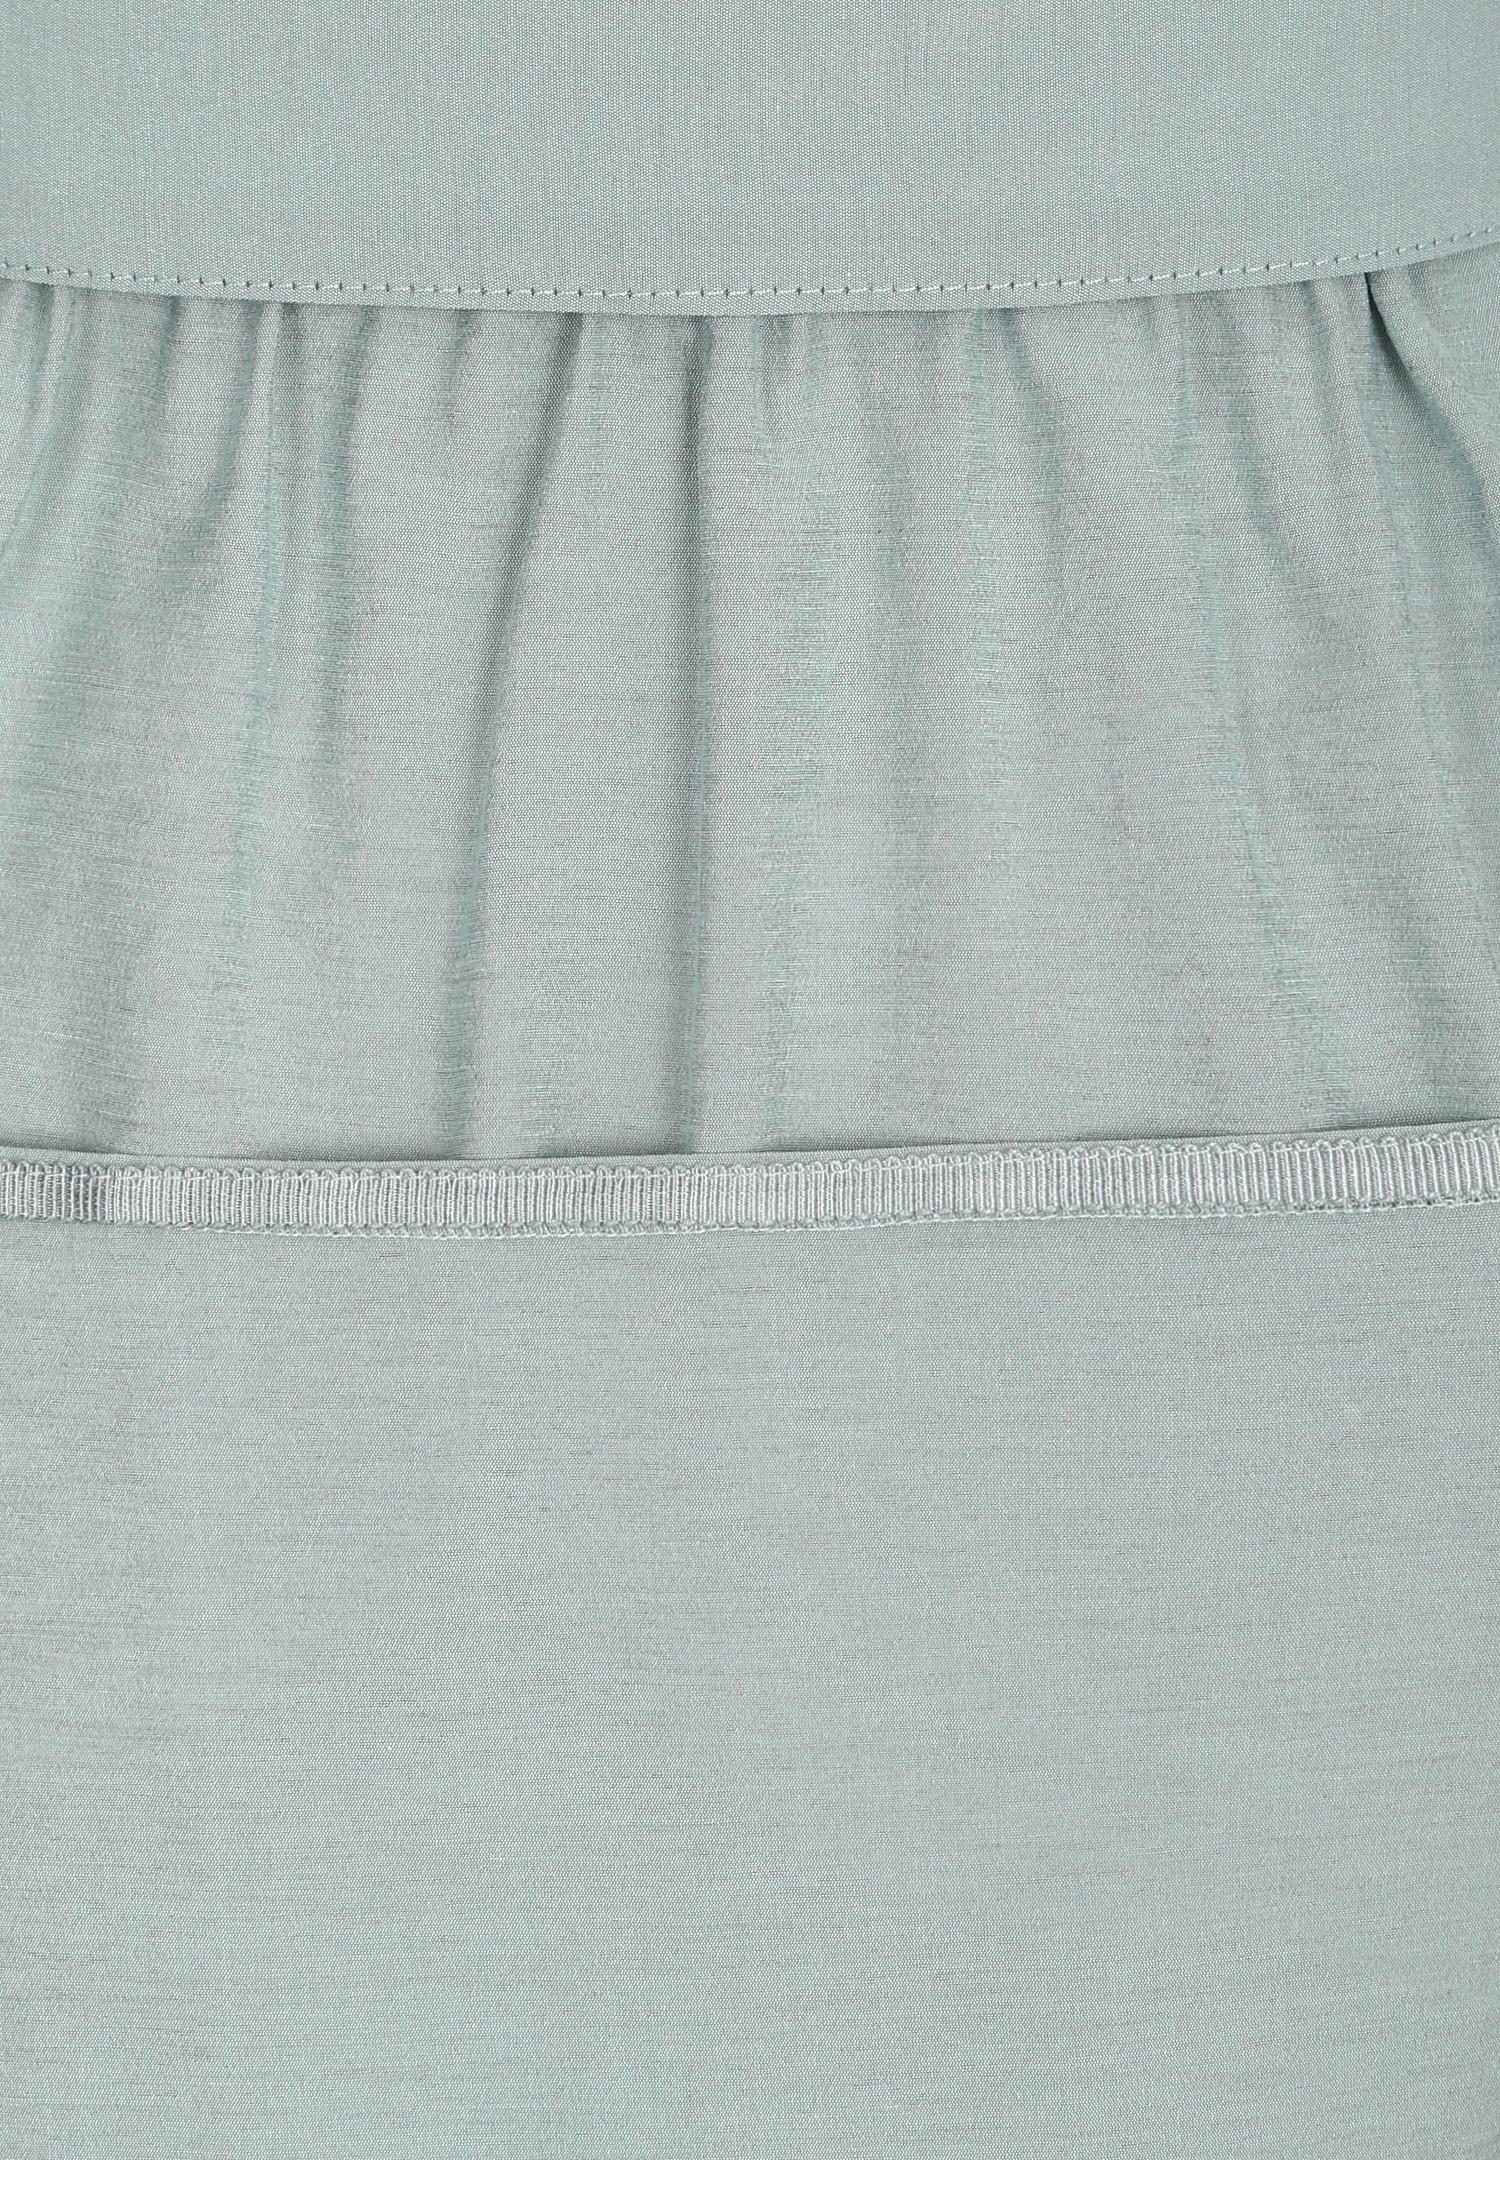 소매 디테일 백 밴딩 셔츠 원피스 (MINT)